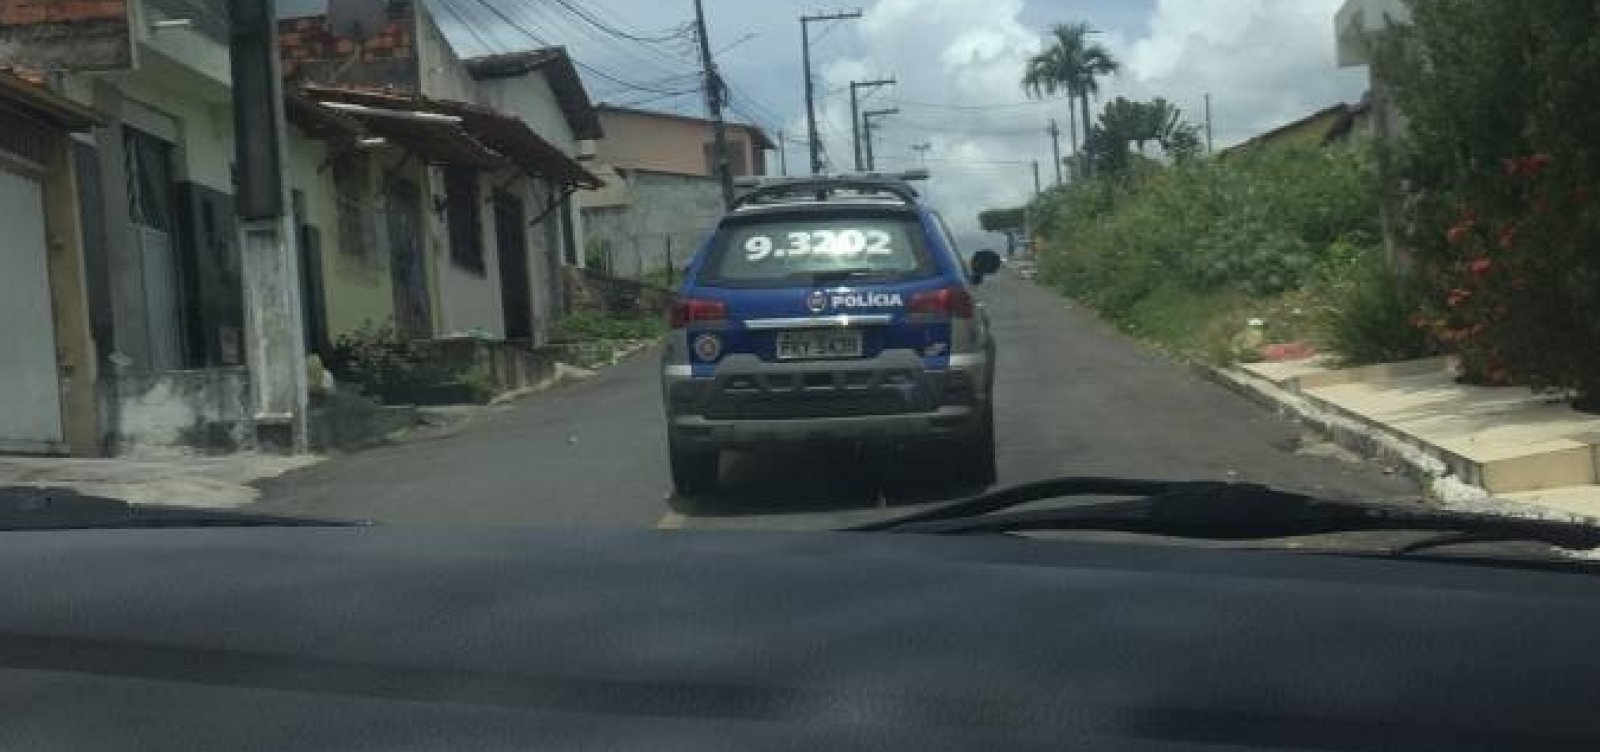 [Polícia detém repórteres da Veja durante investigação sobre morte de miliciano na Bahia]